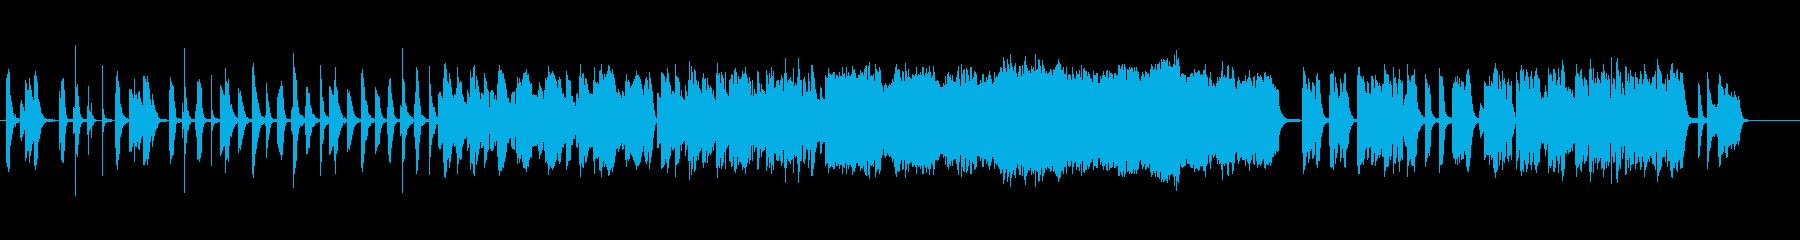 小編成オーケストラのほんわか日常曲の再生済みの波形